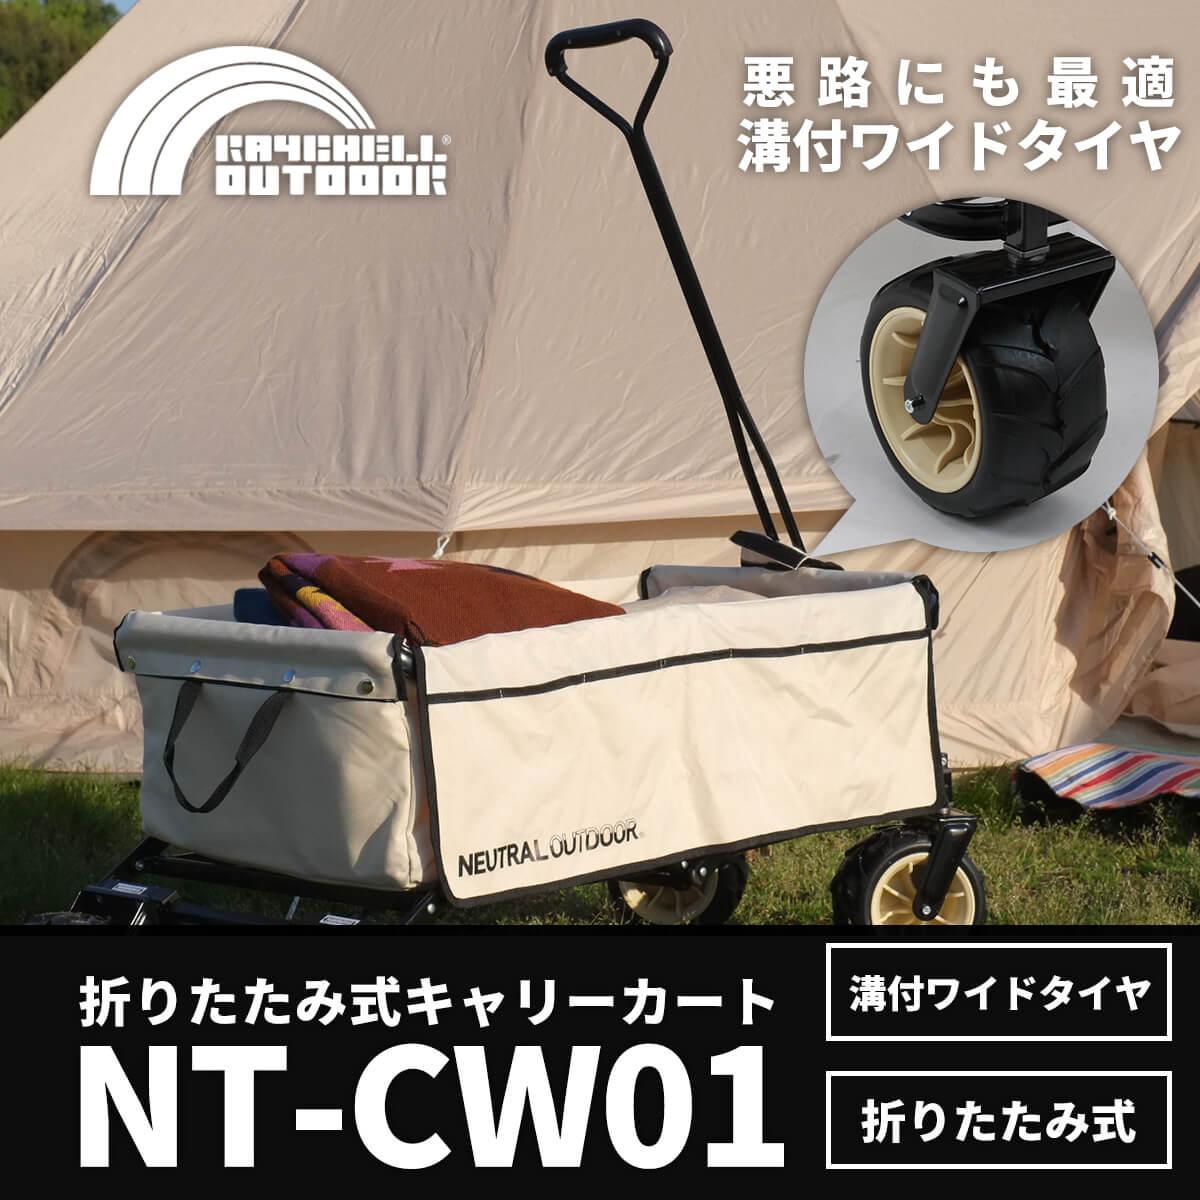 キャリーワゴン NT-CW01 商品リンク